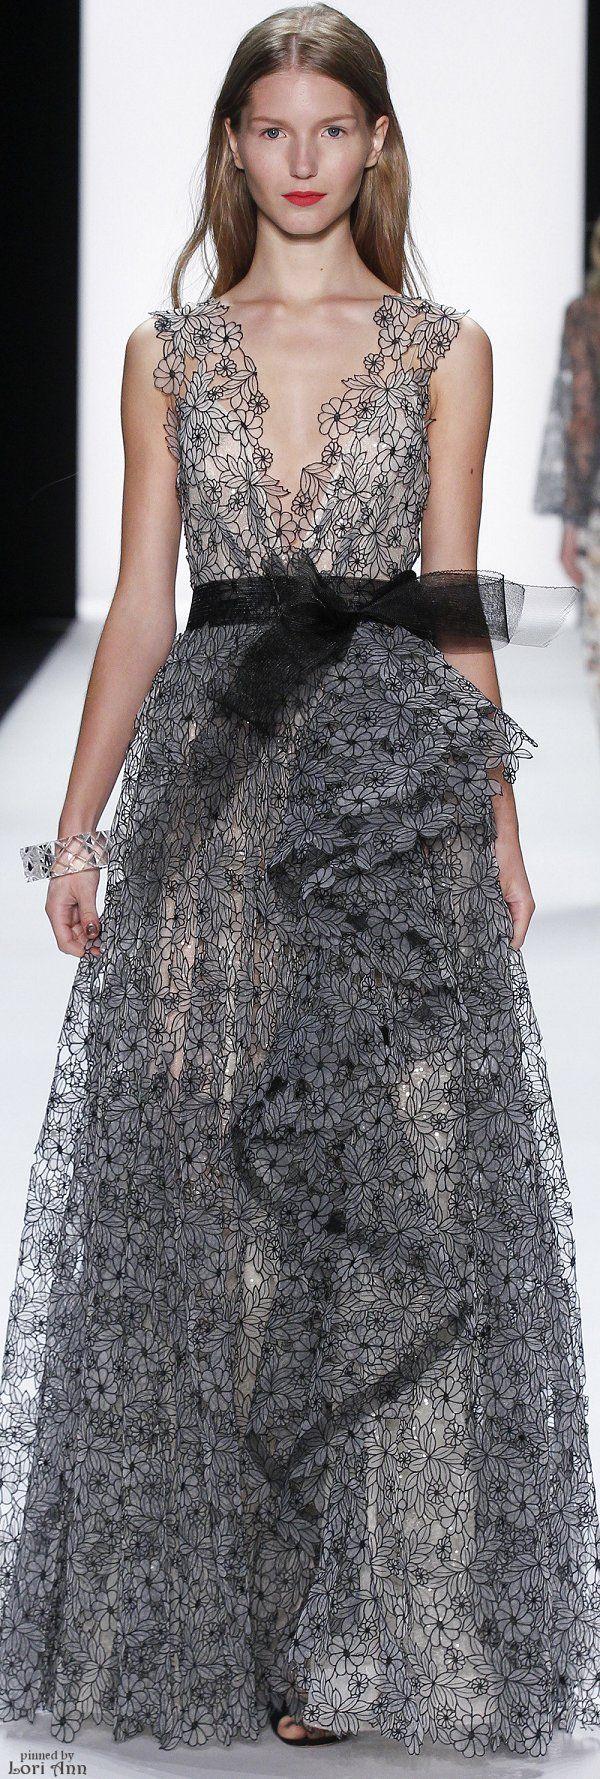 Bellísimo vestido de gala con encanjes en color negro.